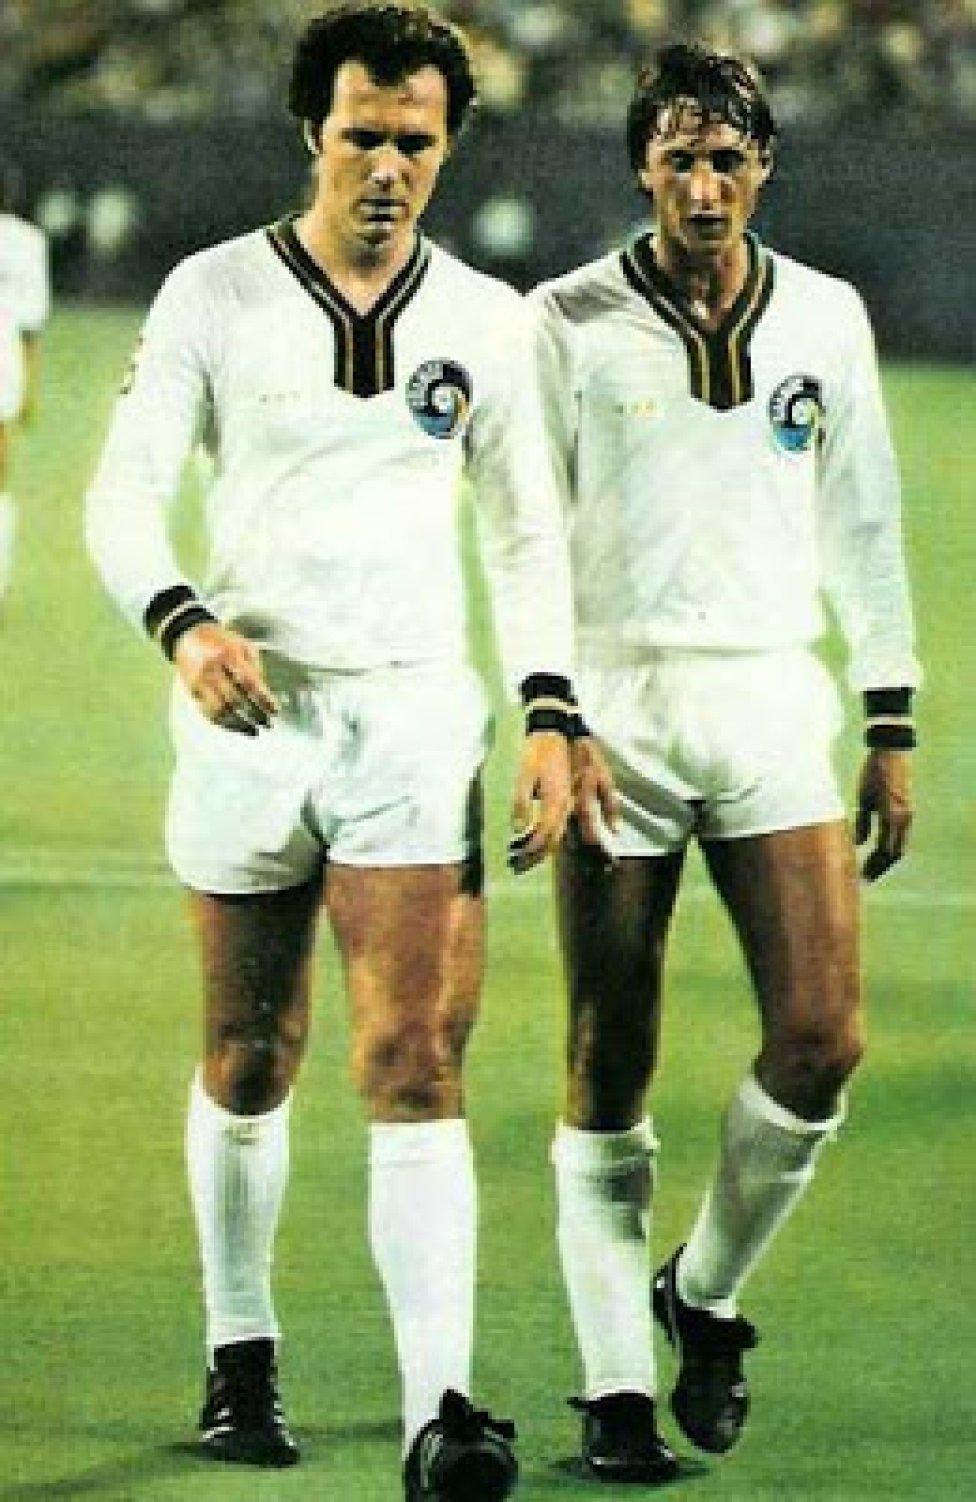 Conexión Vintage - Fútbol: Beckenhauer contra Cruyff